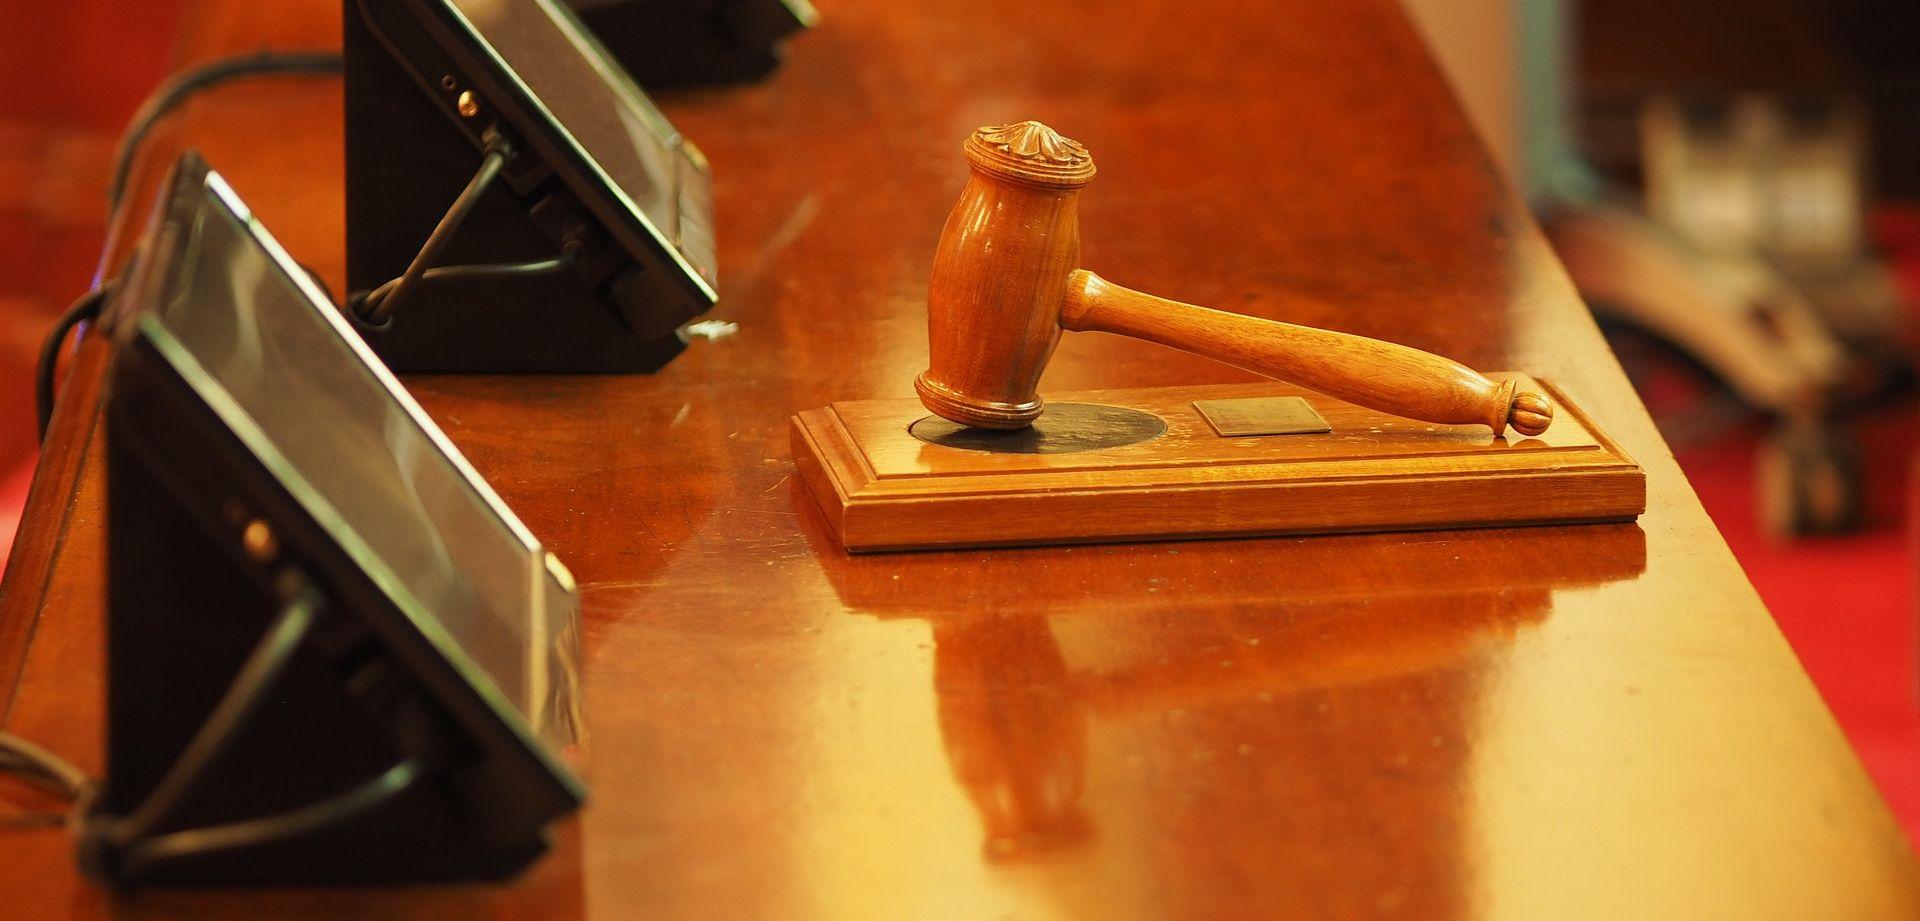 ODBIJENA NAGODBA Suđenje Davidu Komšiću počinje 1. veljače 2018.